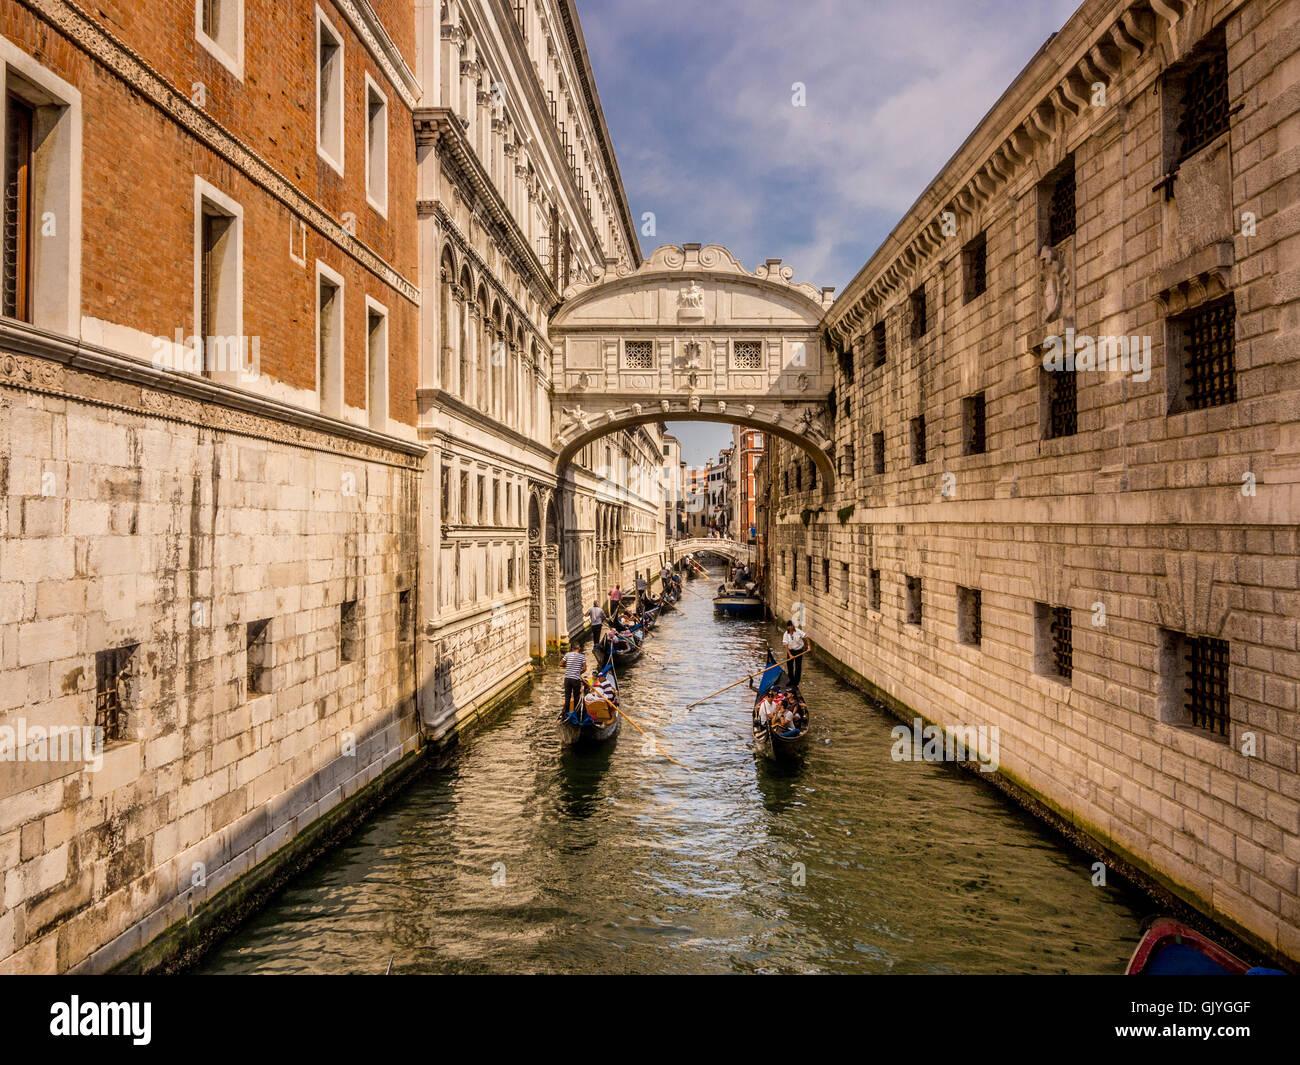 Gondolas heading towards the Bridge of sighs. Venice, Italy. - Stock Image